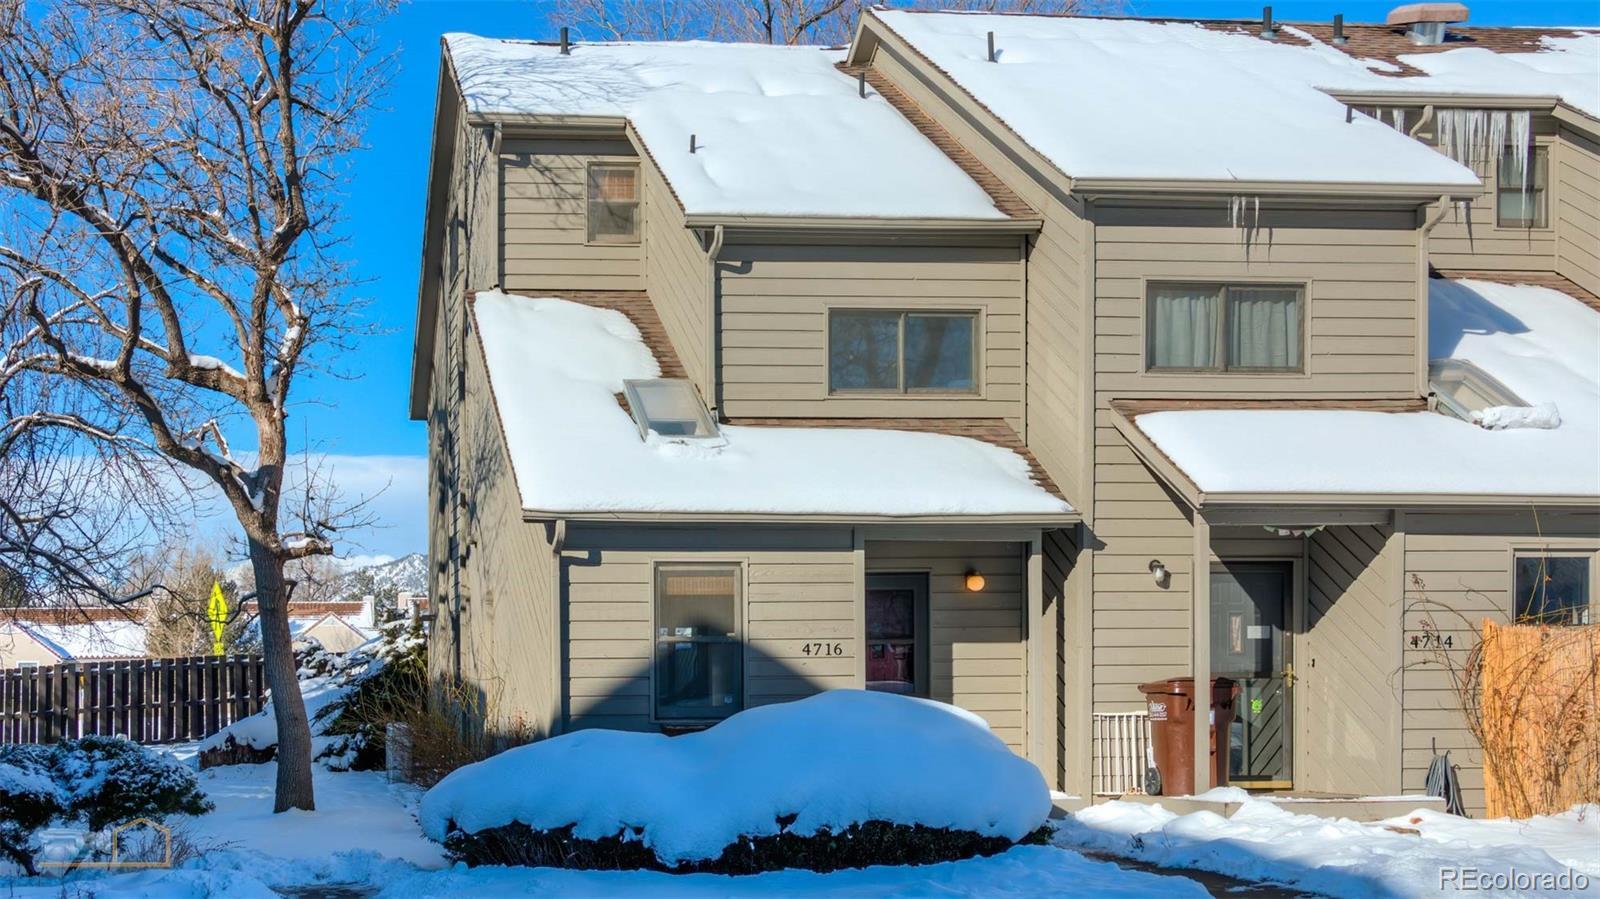 MLS# 5289239 - 1 - 4716 Edison Lane, Boulder, CO 80301